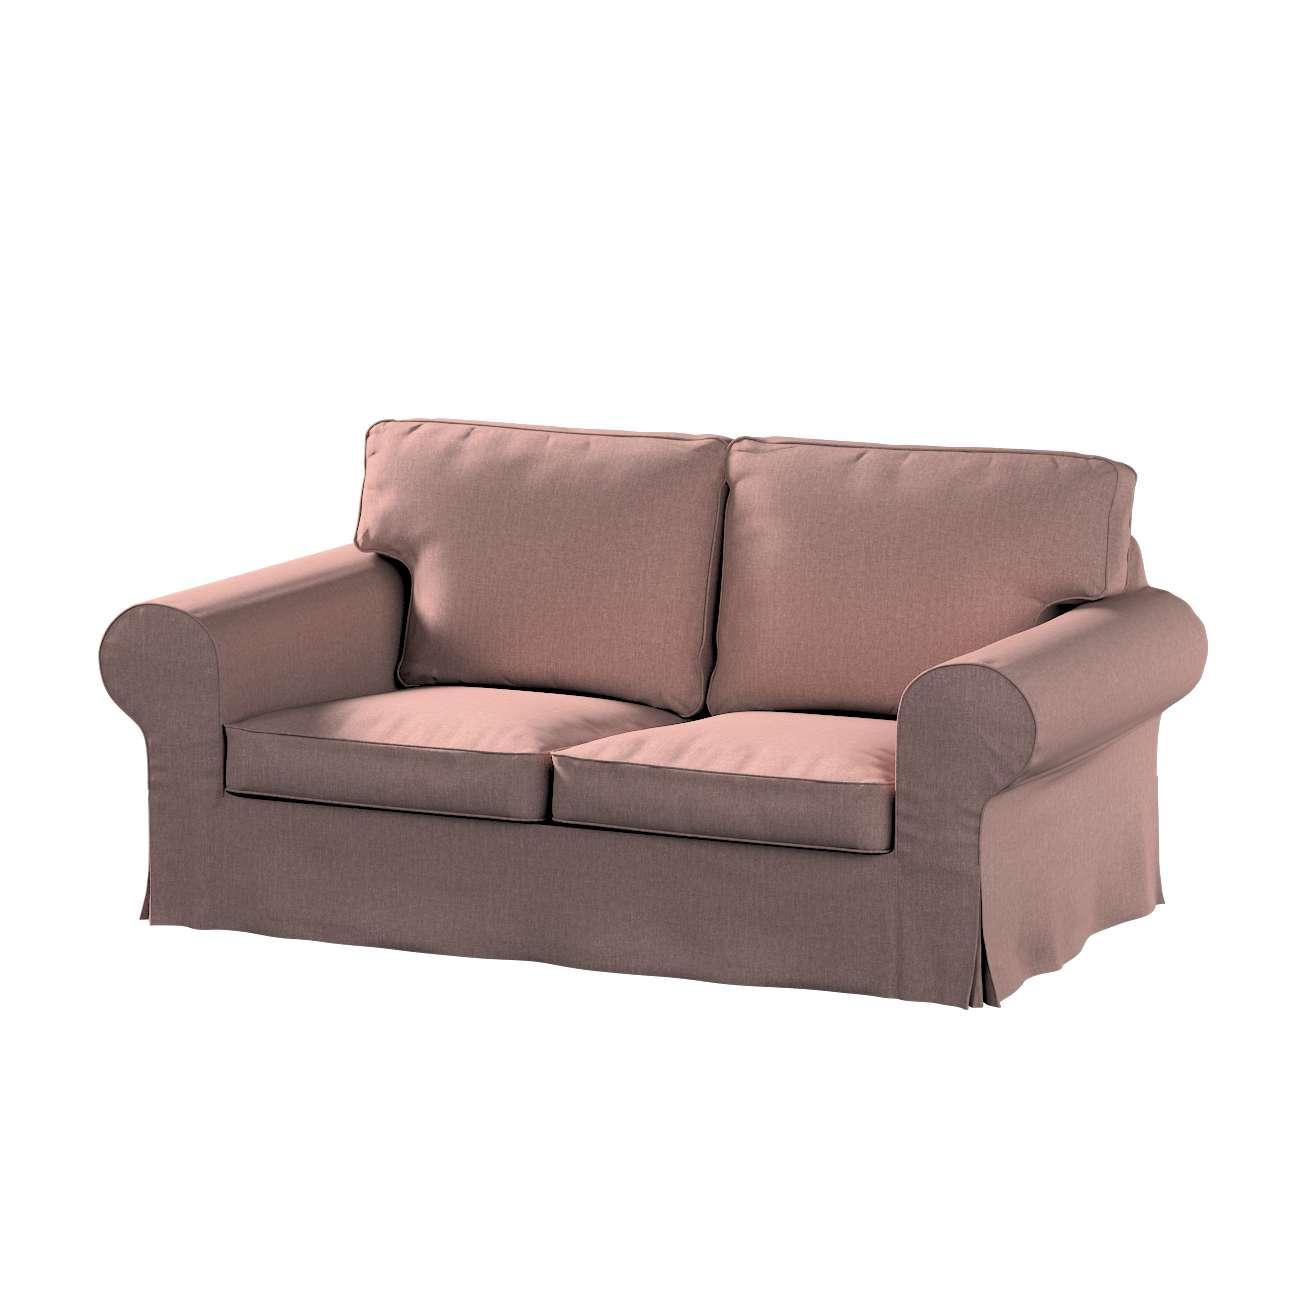 Pokrowiec na sofę Ektorp 2-osobową, nierozkładaną w kolekcji City, tkanina: 704-83